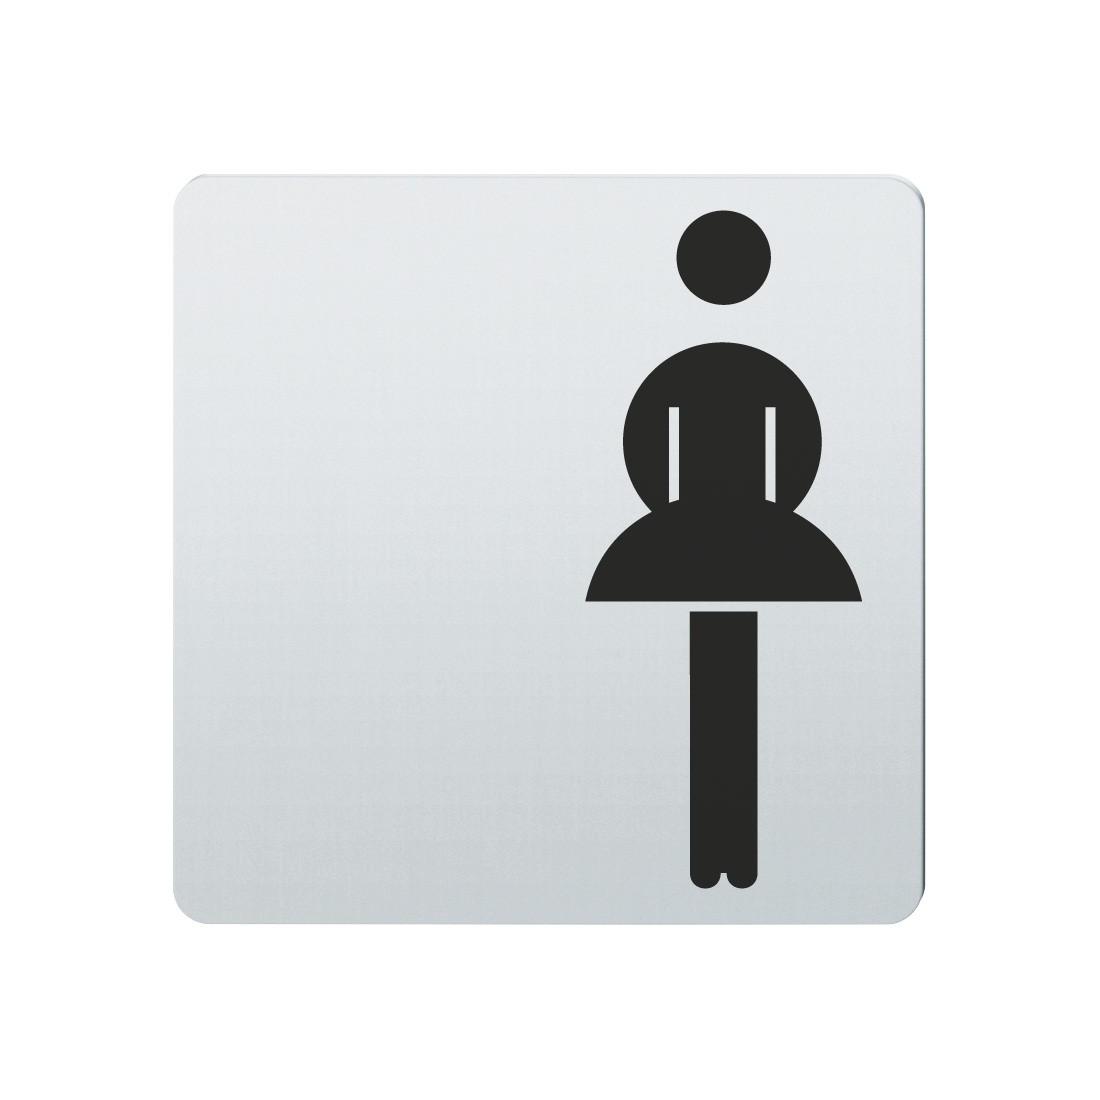 FSB Hinweiszeichen Toilette Damen Lasergraviert Edelstahl fein matt (0 36 4059 00100 6204)